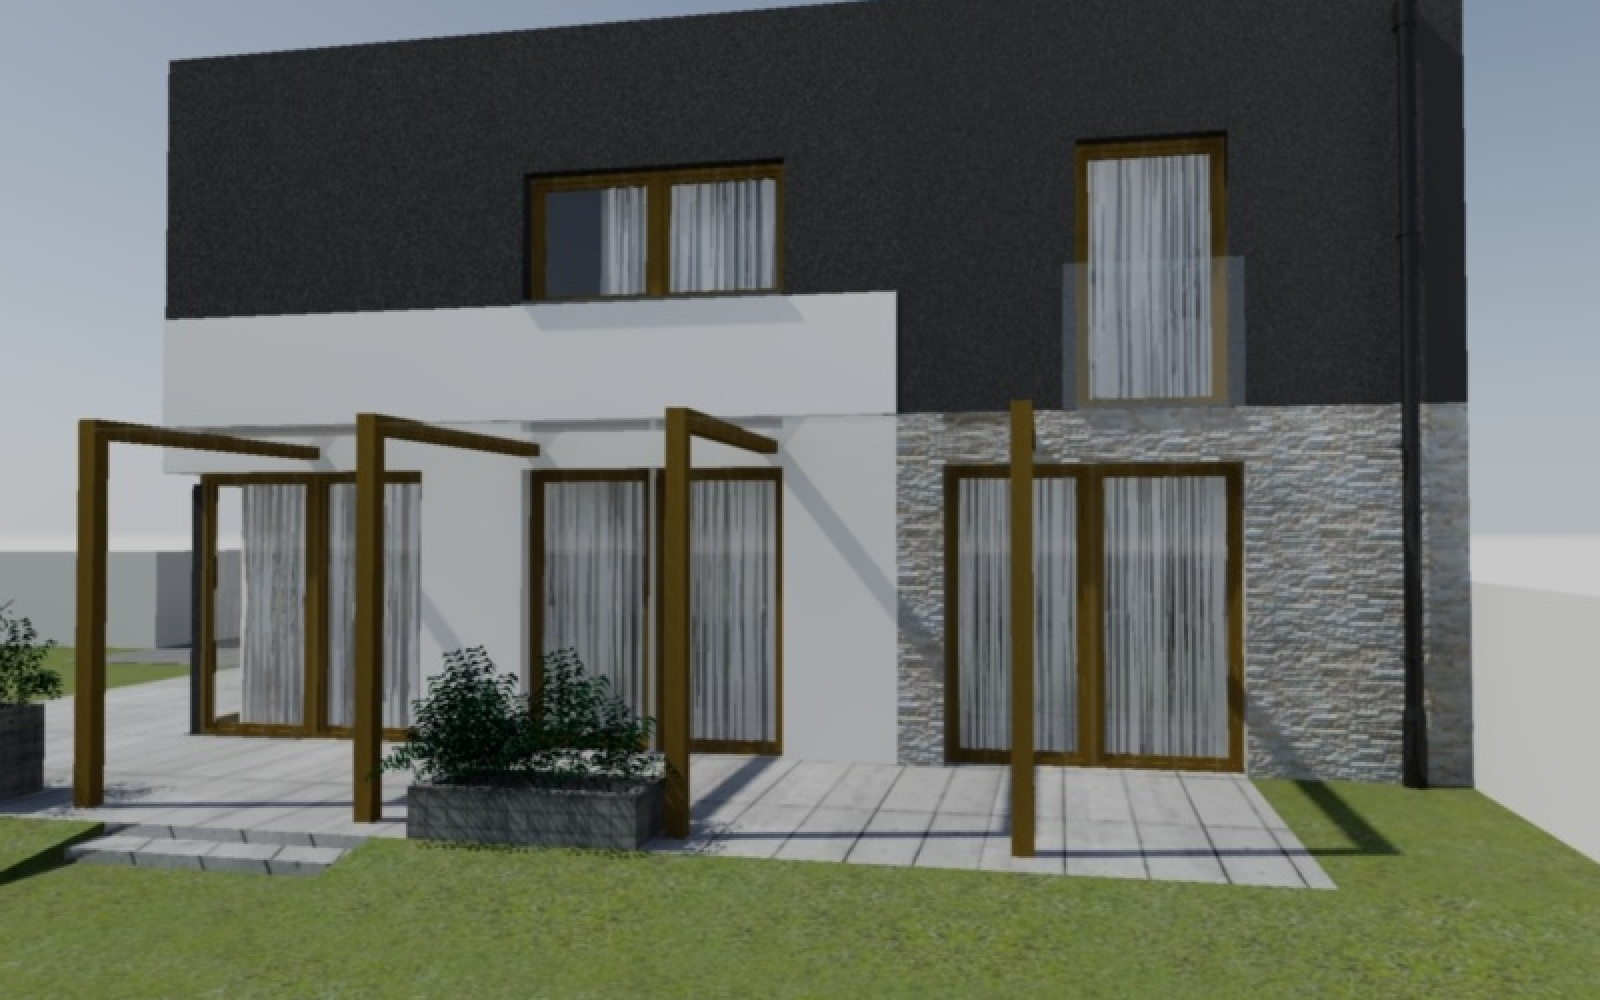 2 Bedrooms Bedrooms, 3 Rooms Rooms,1 BathroomBathrooms,Domy,Sprzedaż,1087